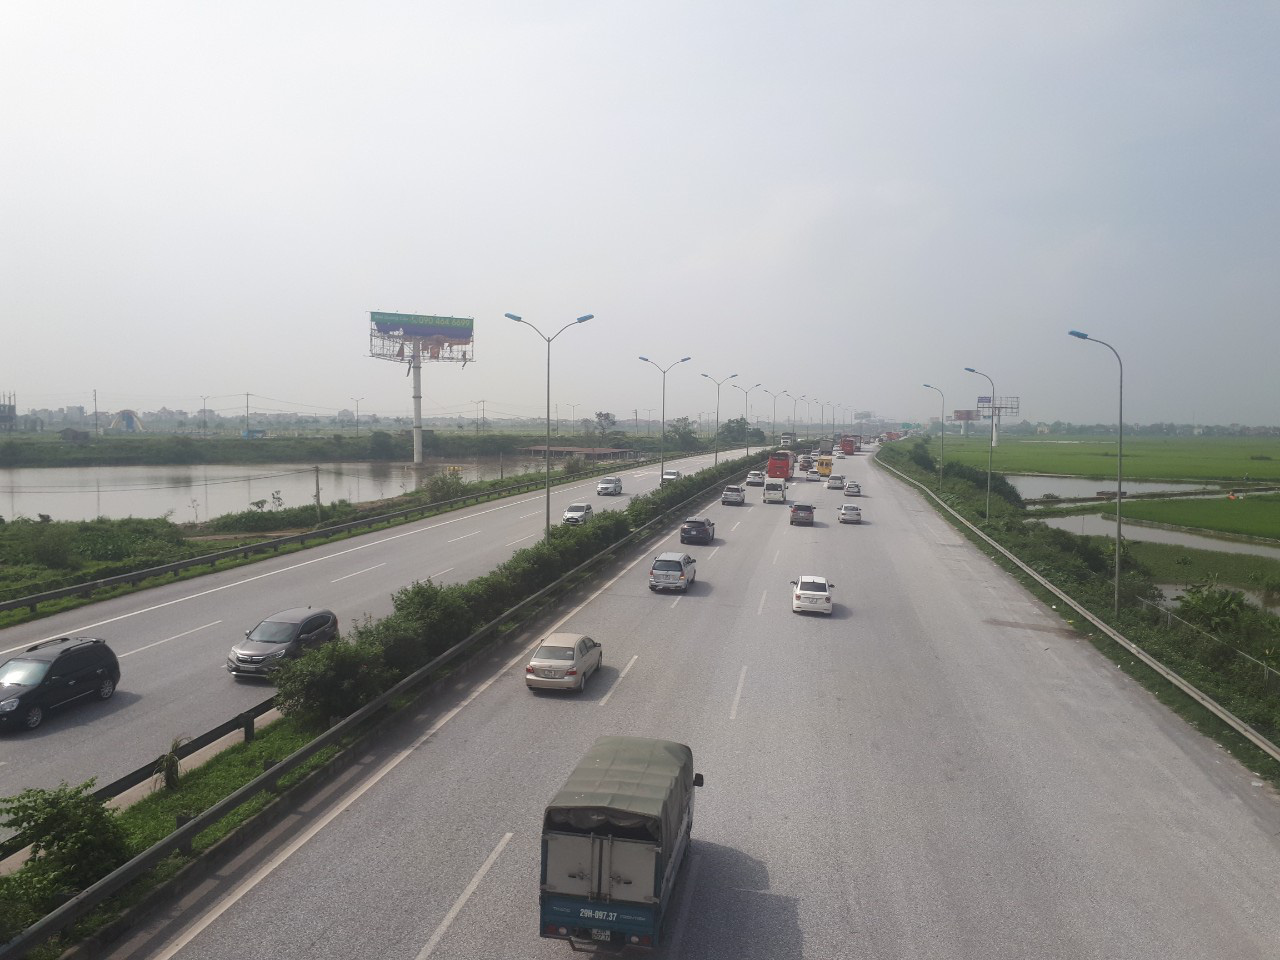 Dự án cao tốc Bắc - Nam dự kiến giải ngân thêm khoảng 15.038 tỷ vào 2021 - Ảnh 1.